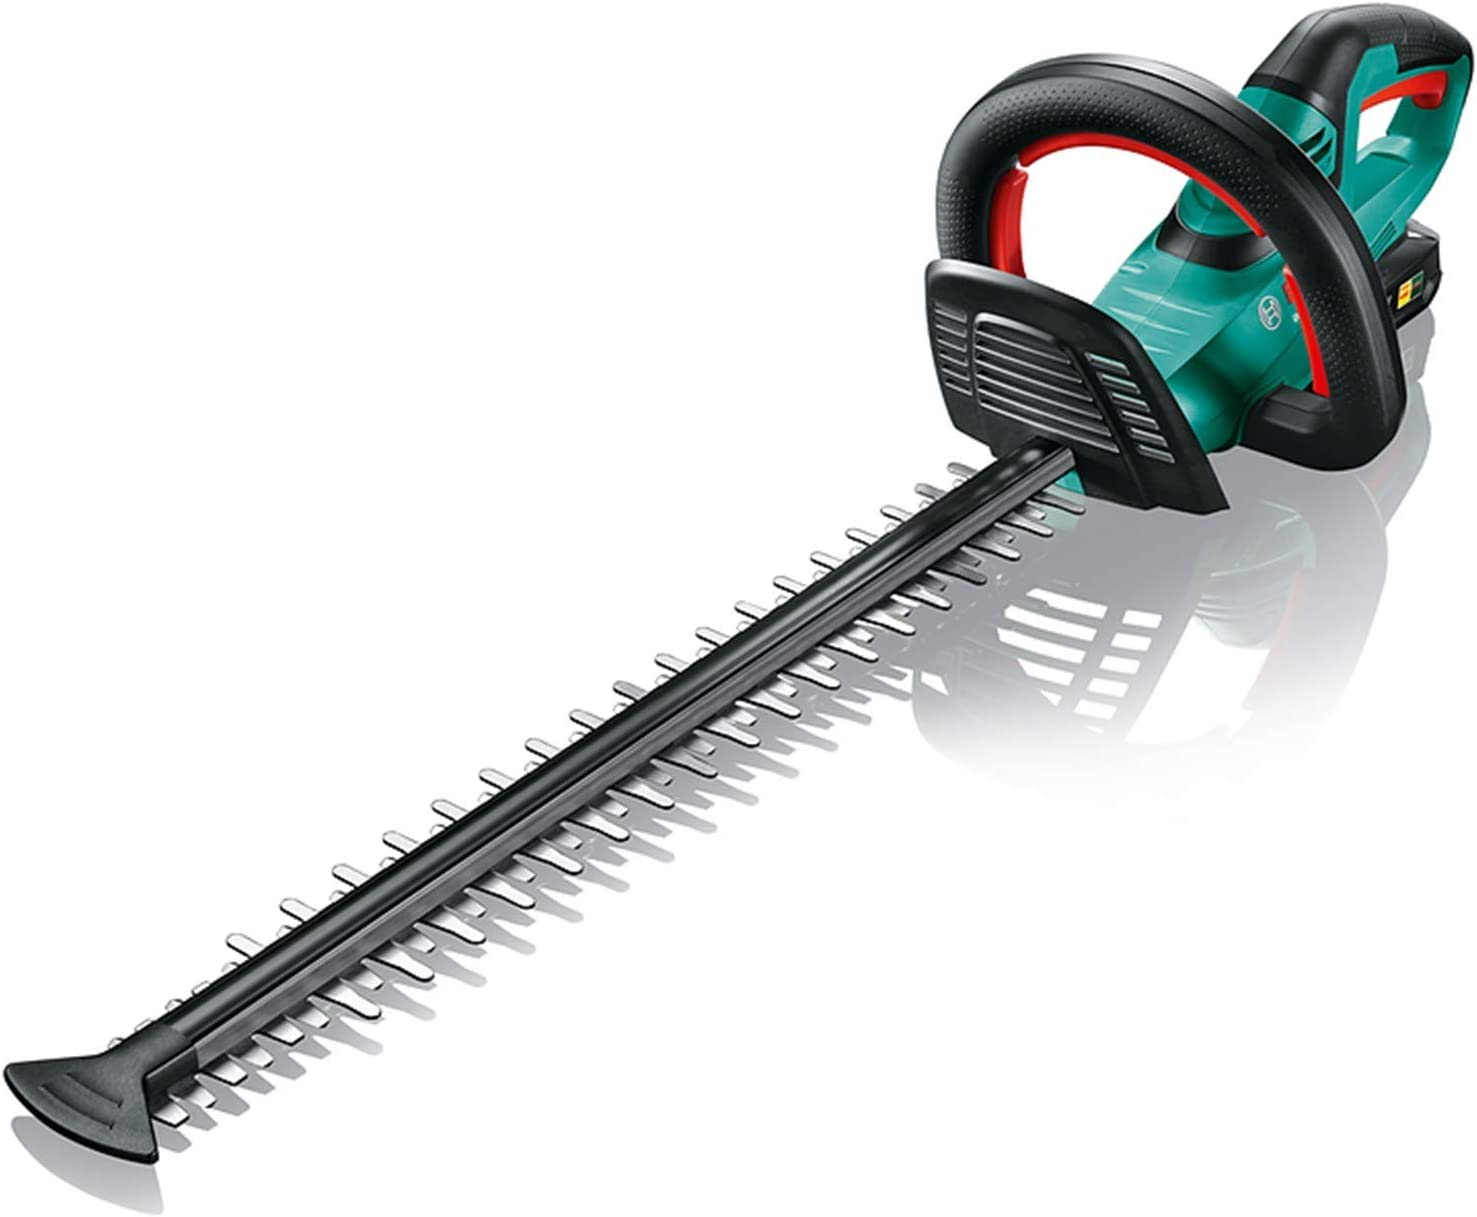 Bosch Recortadora de setos de batería AHS 50-20 LI (1 batería, sistema de 18 voltios, longitud de corte 50 cm, distancia de cuchilla 20 mm, en una caja)